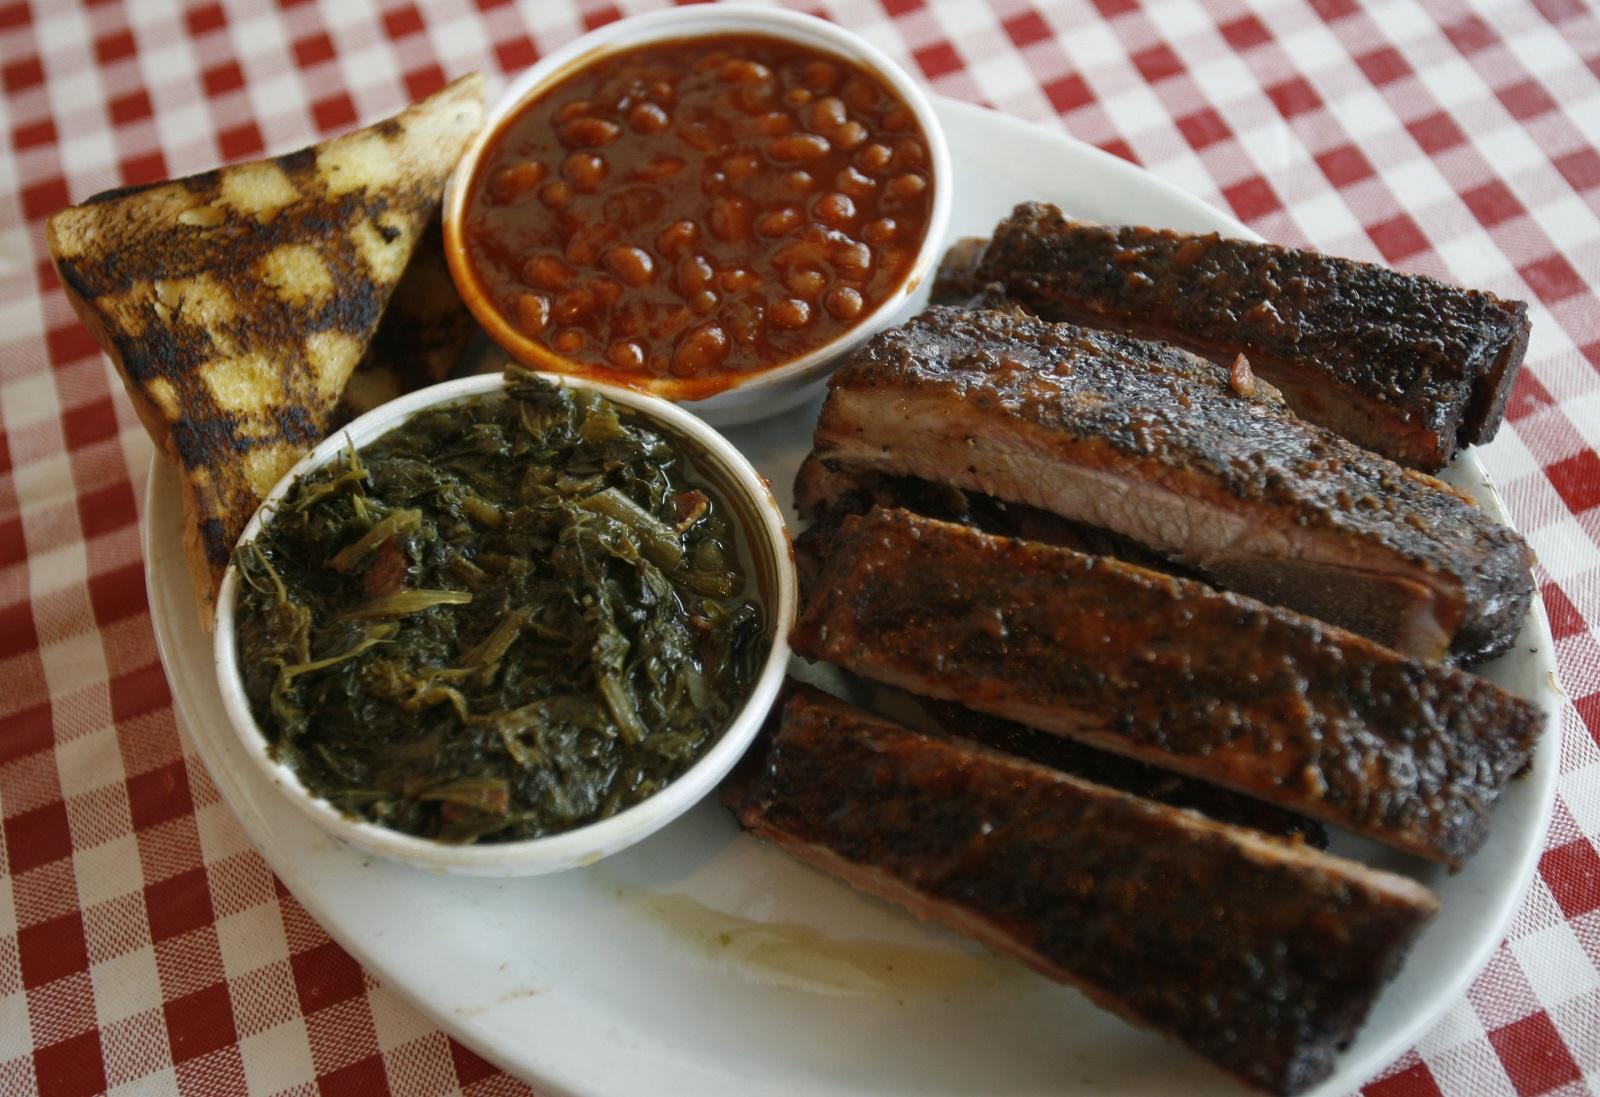 A barbecue dinner at Kentucky Greg's in Depew. (Robert Kirkham/Buffalo News)